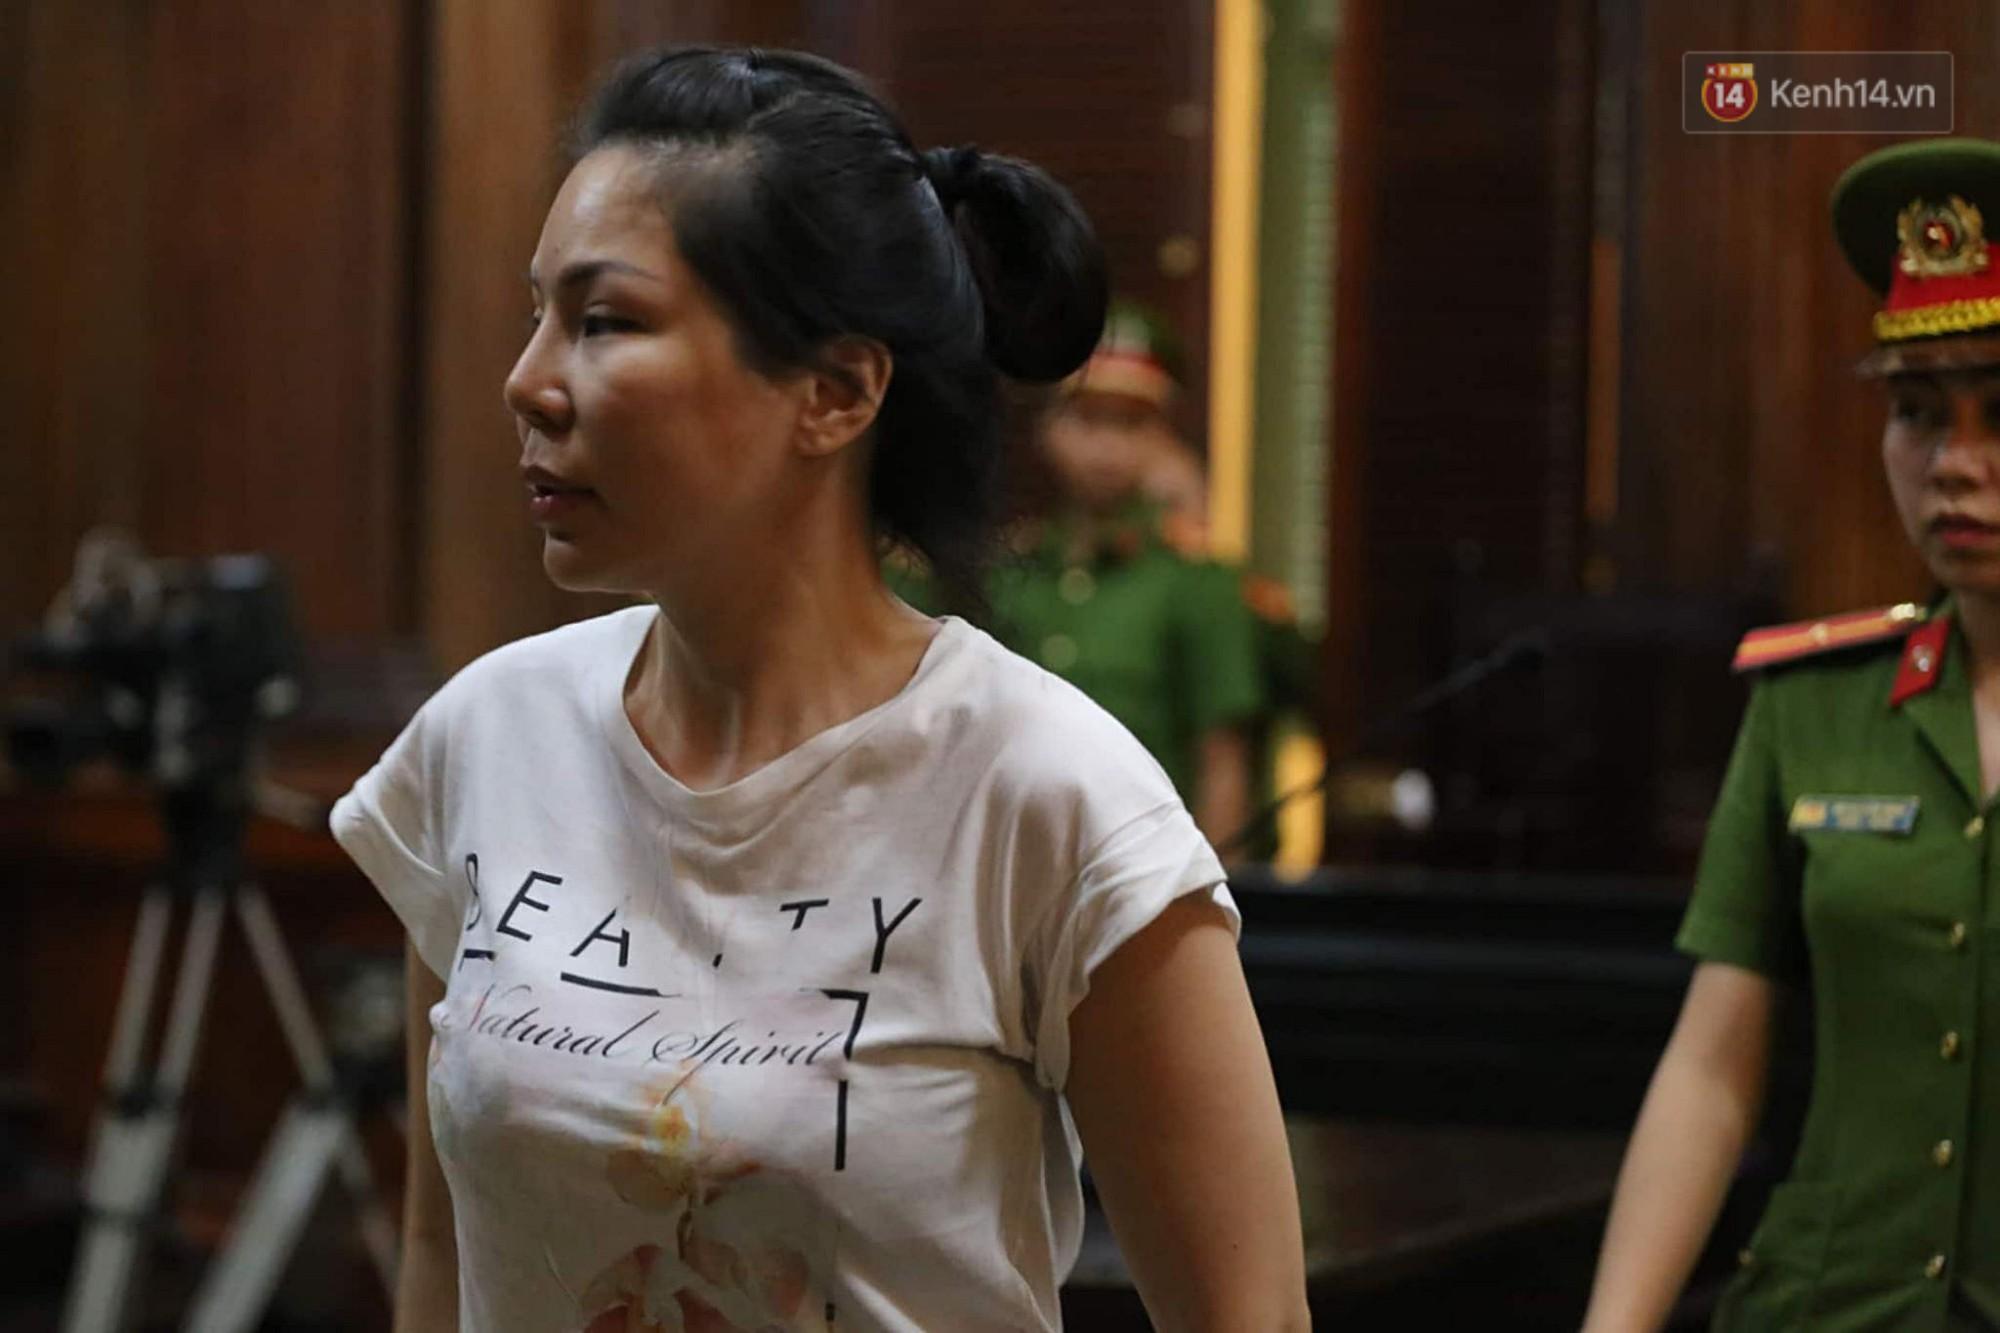 Vợ cũ bác sĩ Chiêm Quốc Thái thanh minh tại tòa sau khi thuê giang hồ truy sát chồng: Chỉ đánh dằn mặt, thuê người tát mấy cái...-9